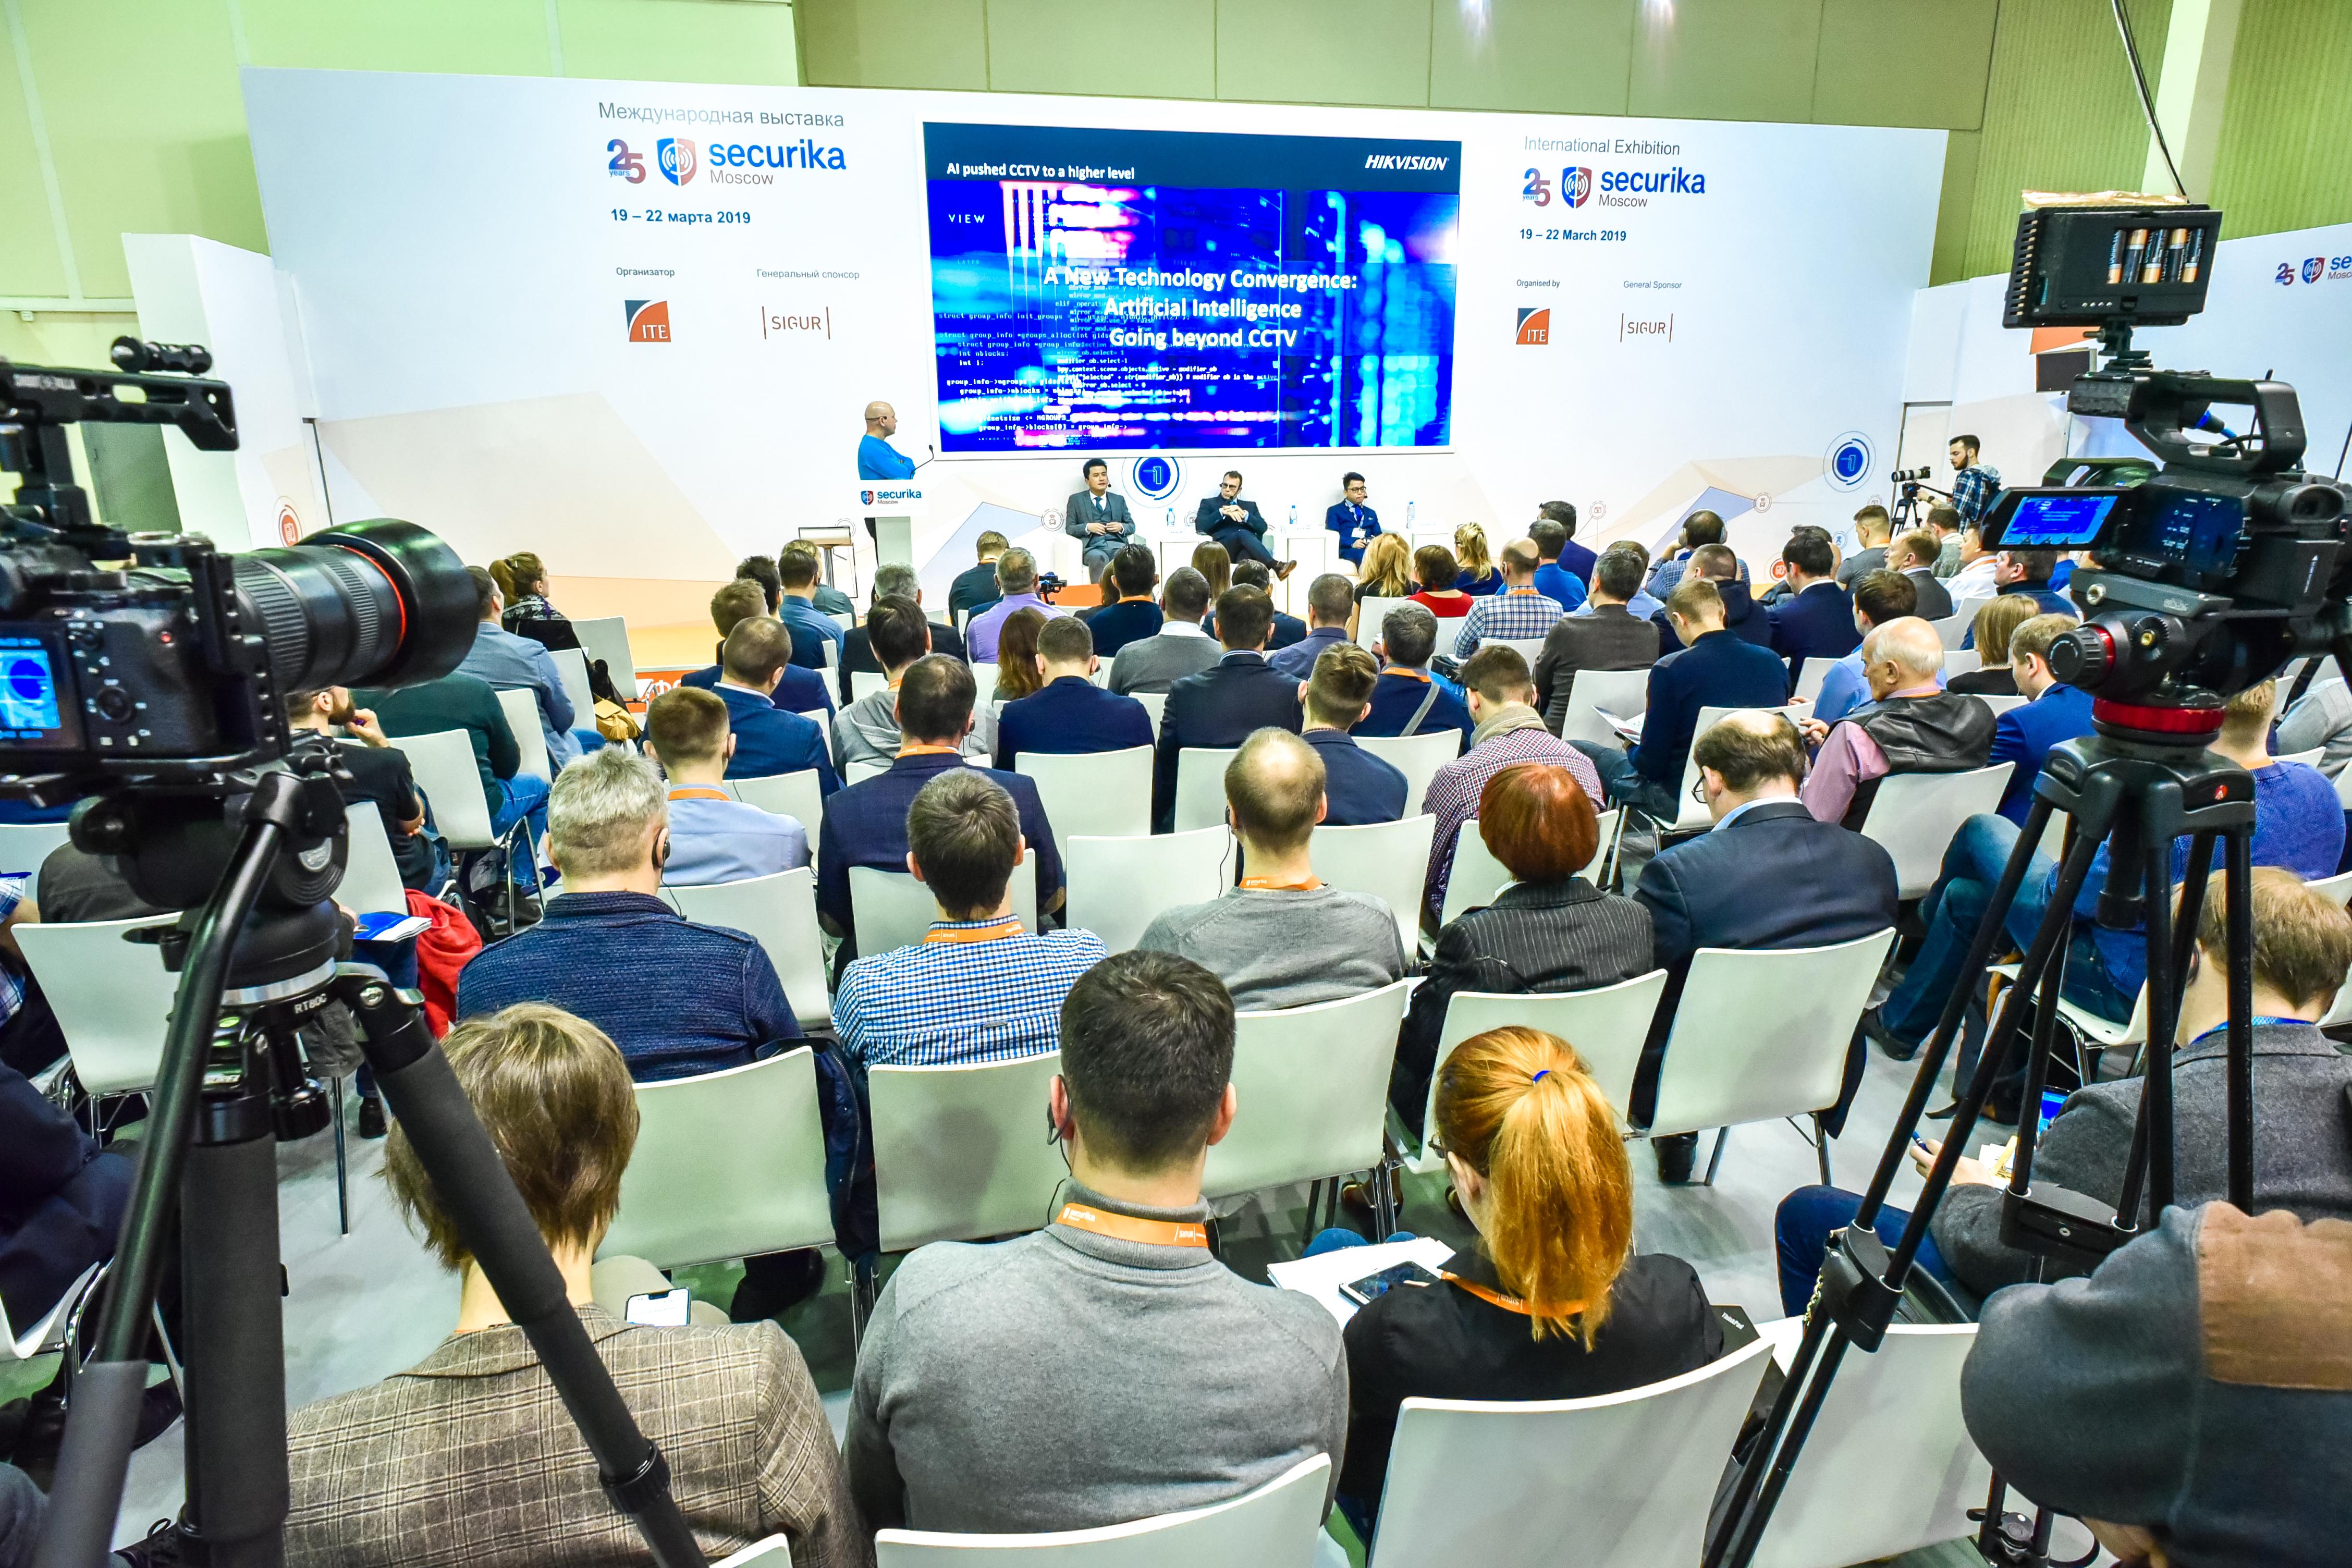 Securika Moscow: Ключевые мероприятия деловой программы